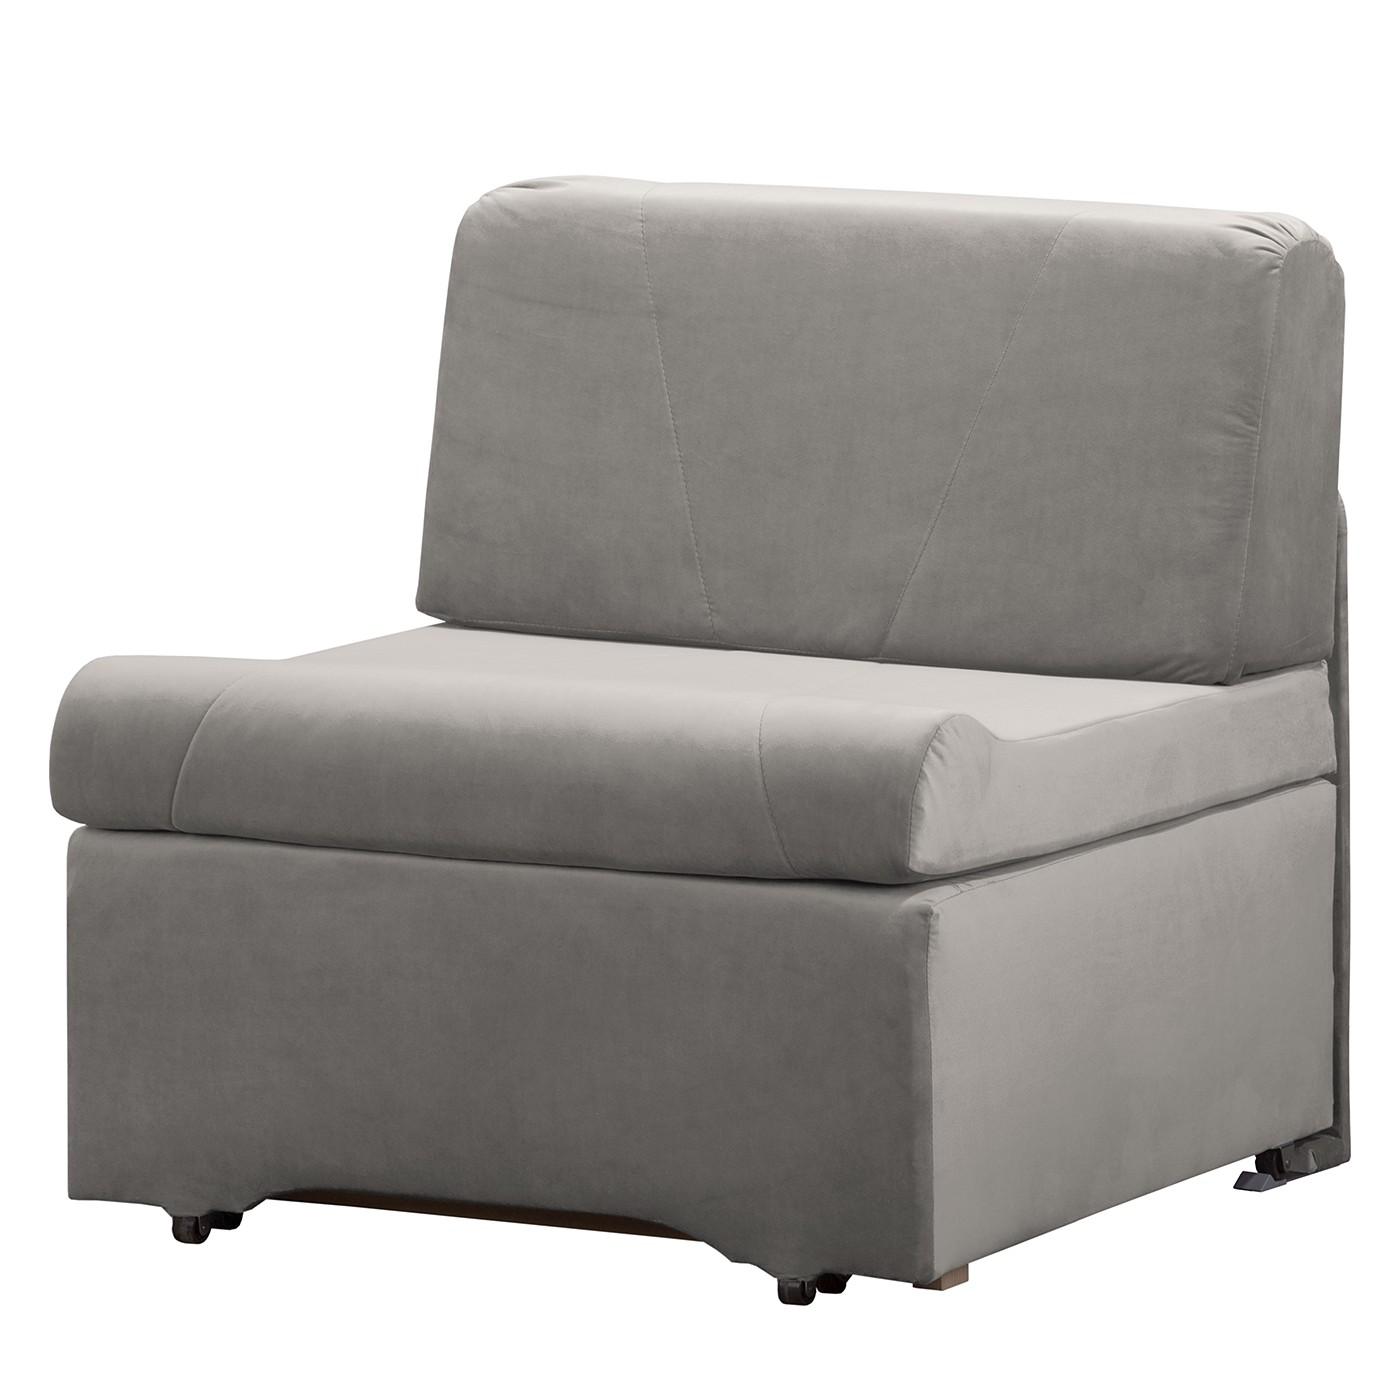 home24 Fredriks Schlafsessel Disley III Grau 100% Polyester mit Schlaffunktion/Bettkasten 86x84x84 cm (BxHxT)